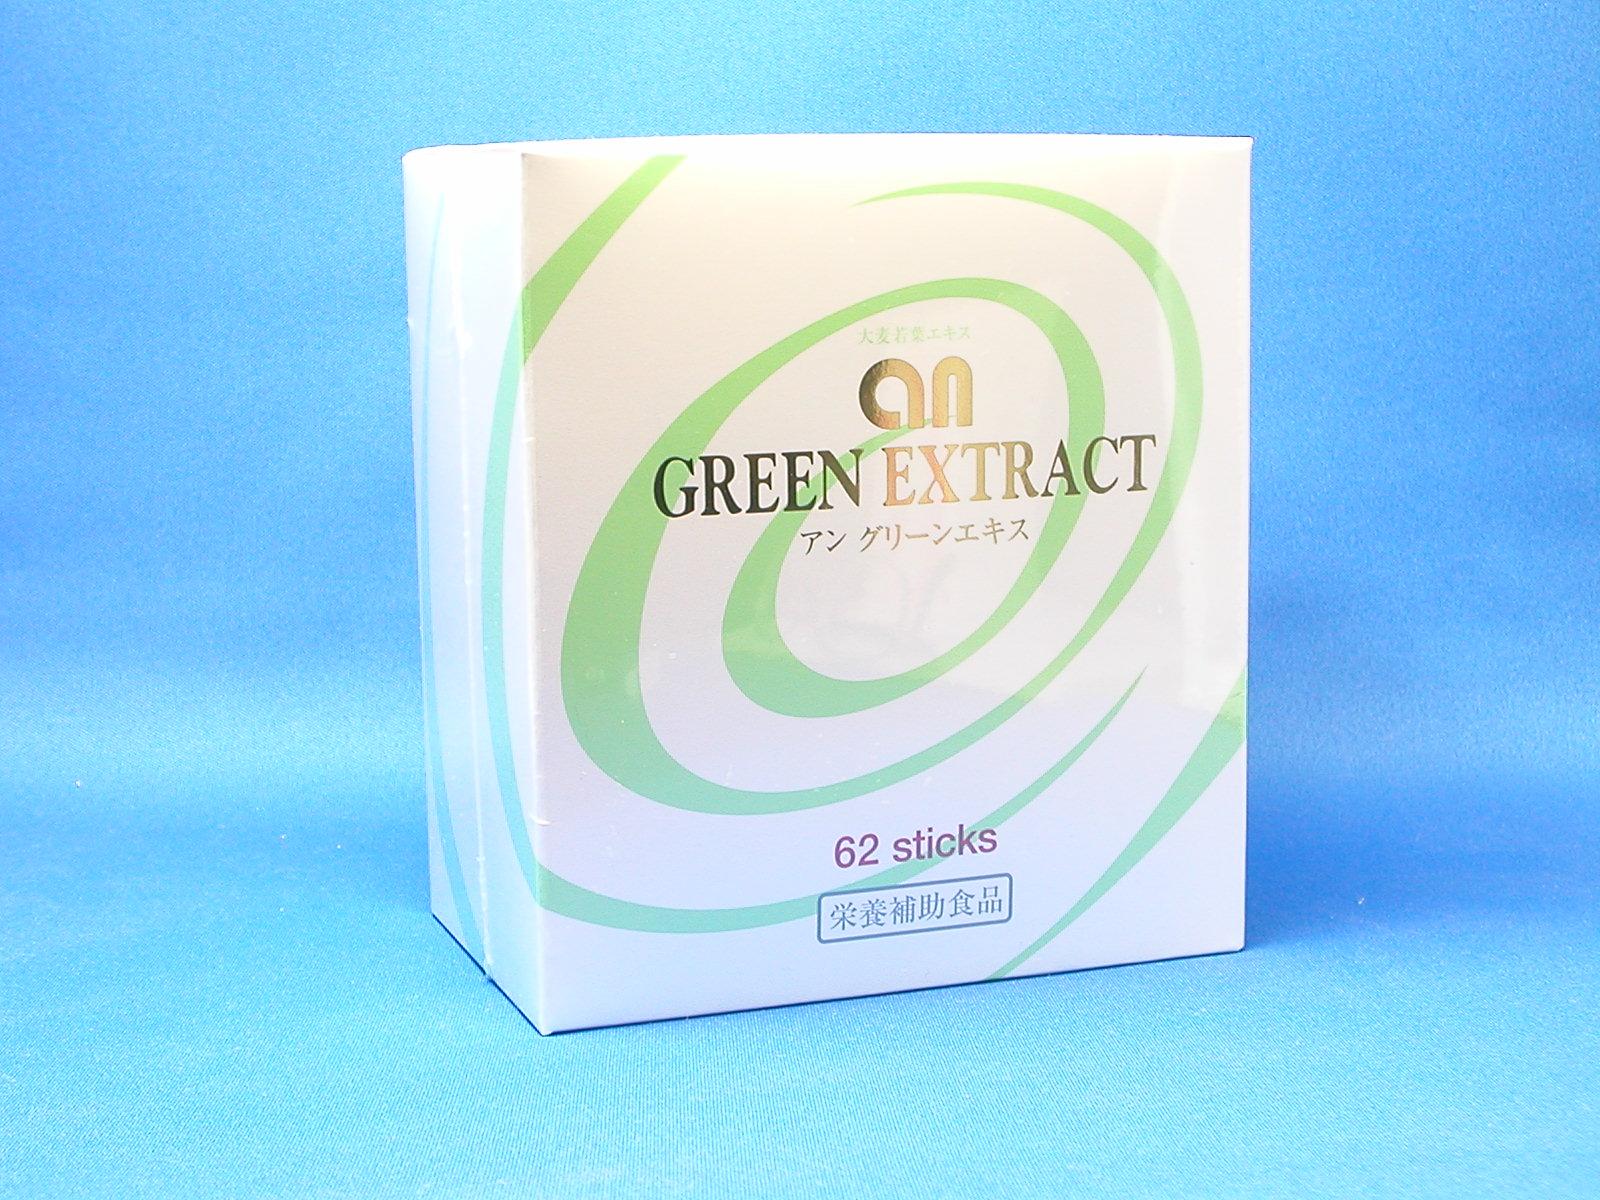 アン グリーンエキス(栄養補助食品)180g(3g×60スティック)